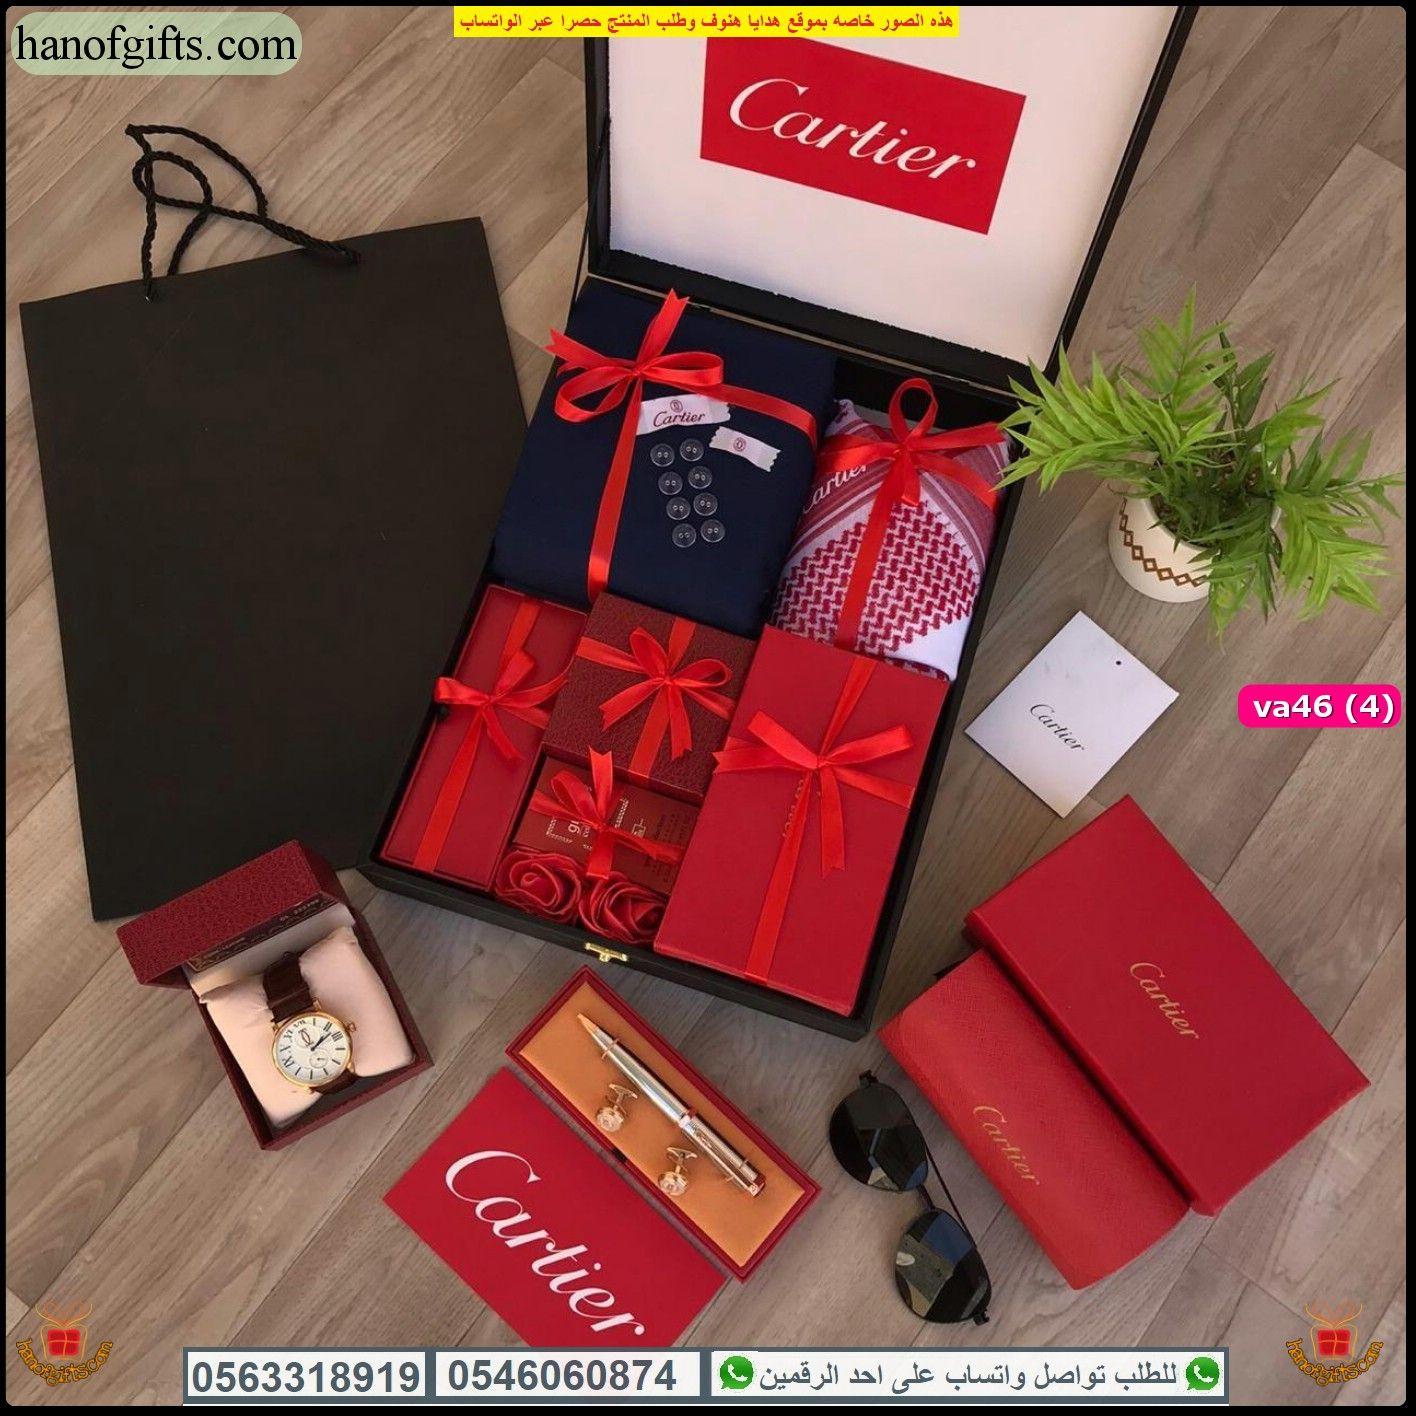 قماش رجالي شتوي كارتير مع شماغ كارتير عادي او كلاسيك و نظاره كارتير وقلم وكبك هدايا هنوف Gift Wrapping Gifts Scenes